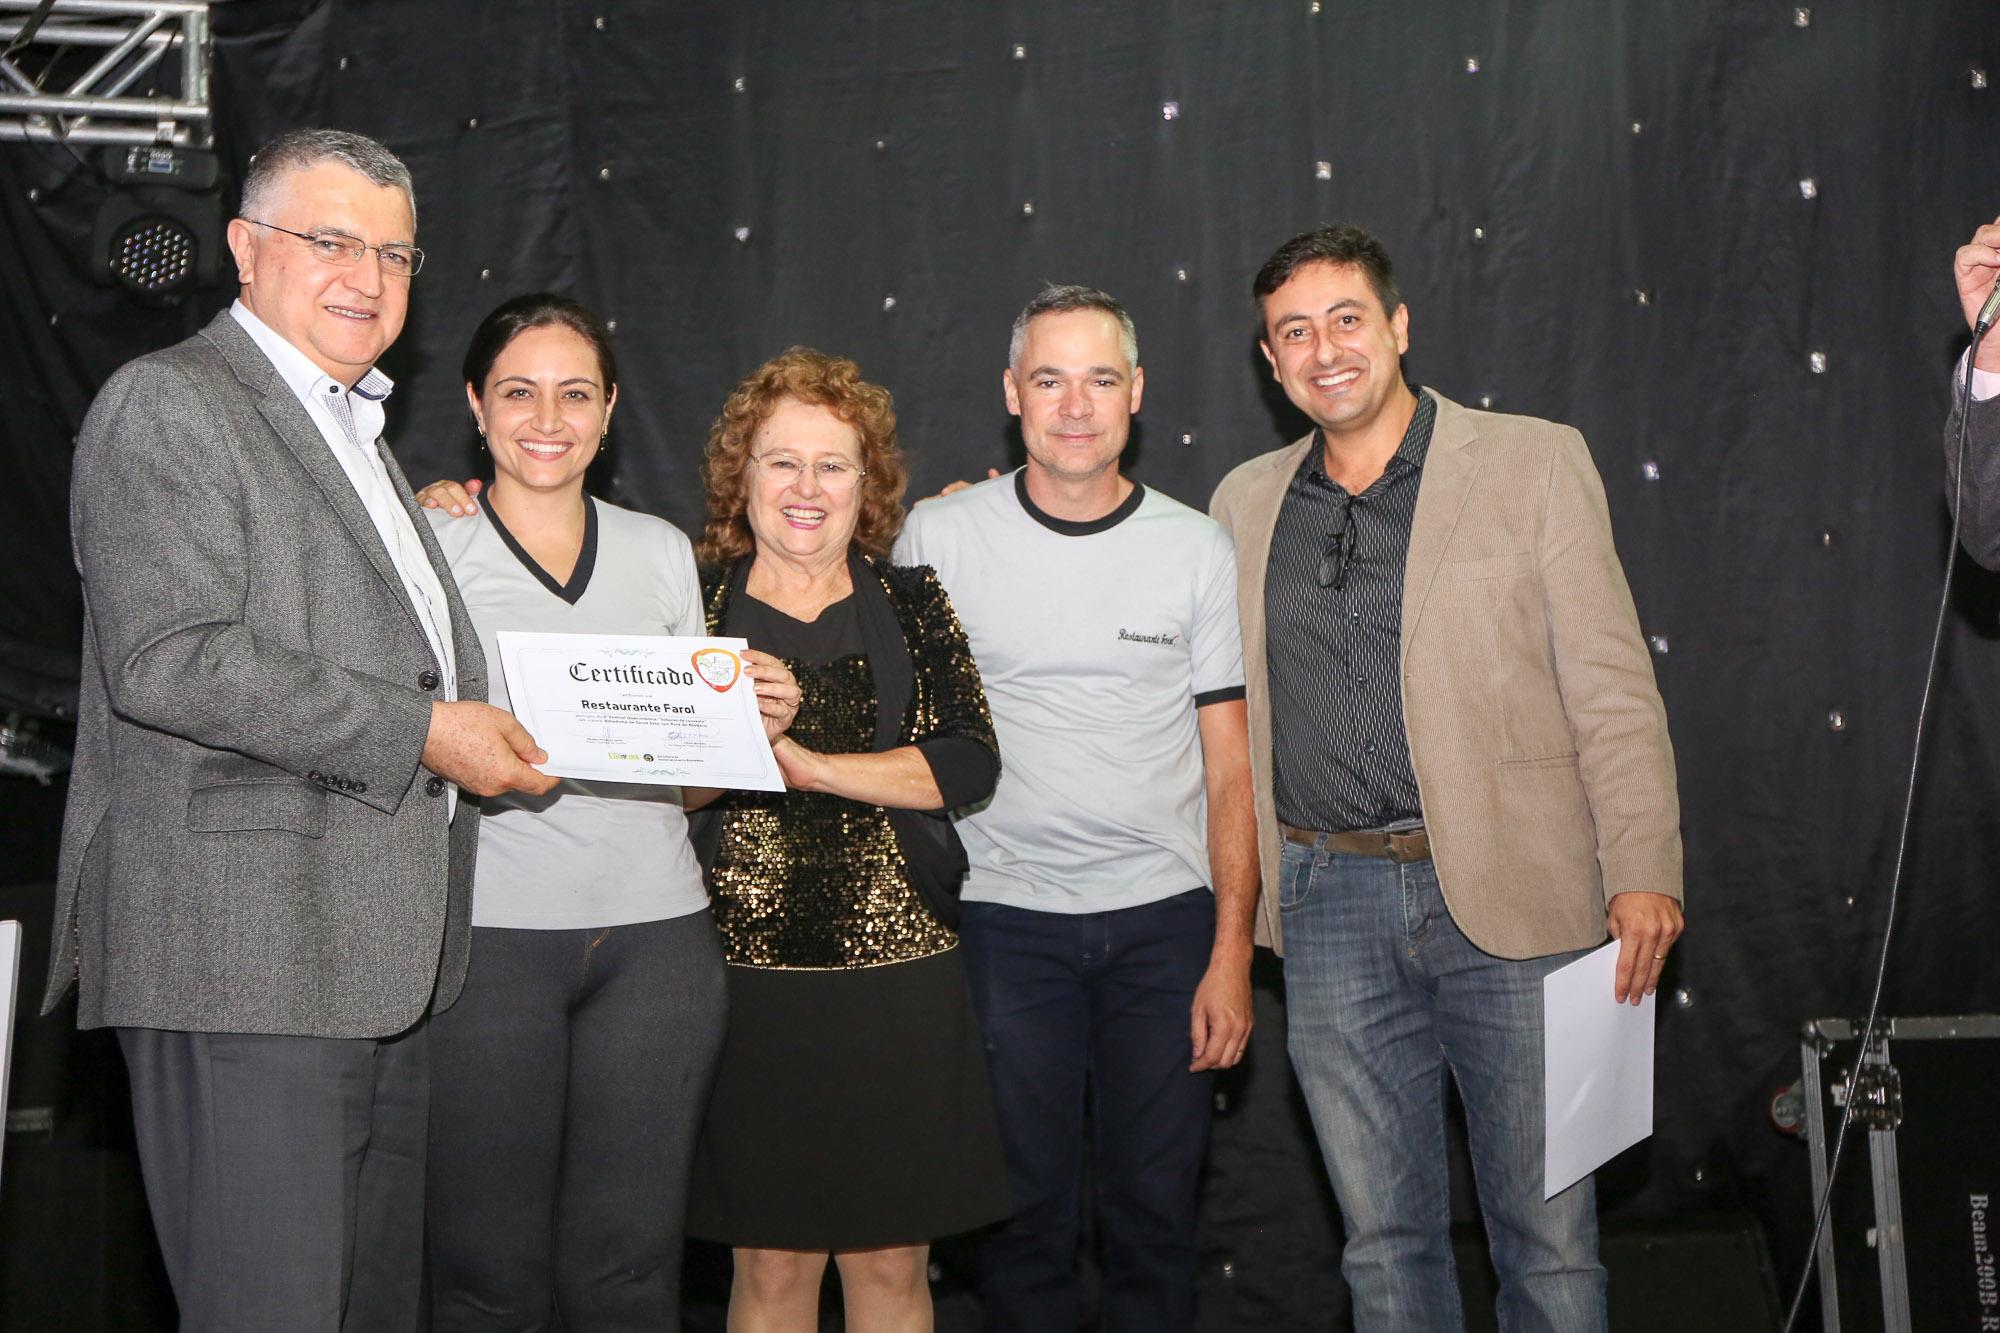 noticia SEDEC promove noite de degustação do Festival Gastronômico 2017 em Louveira.